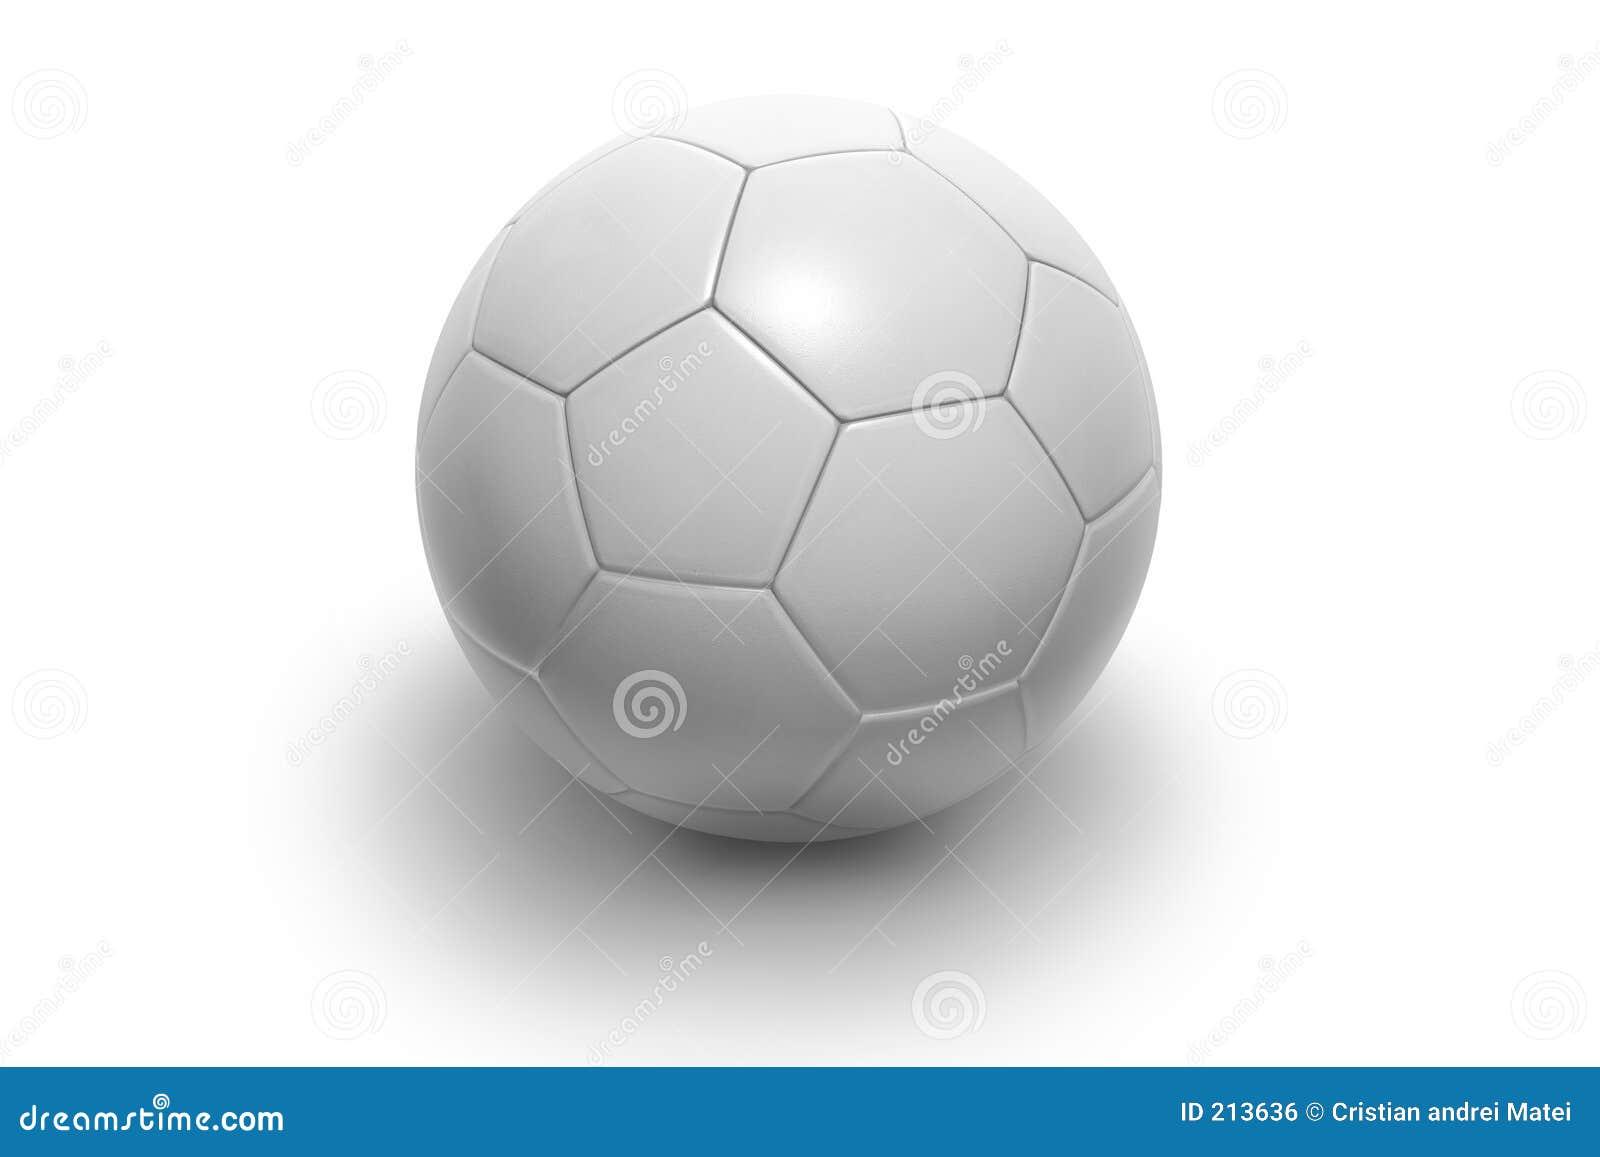 Calcio ball2